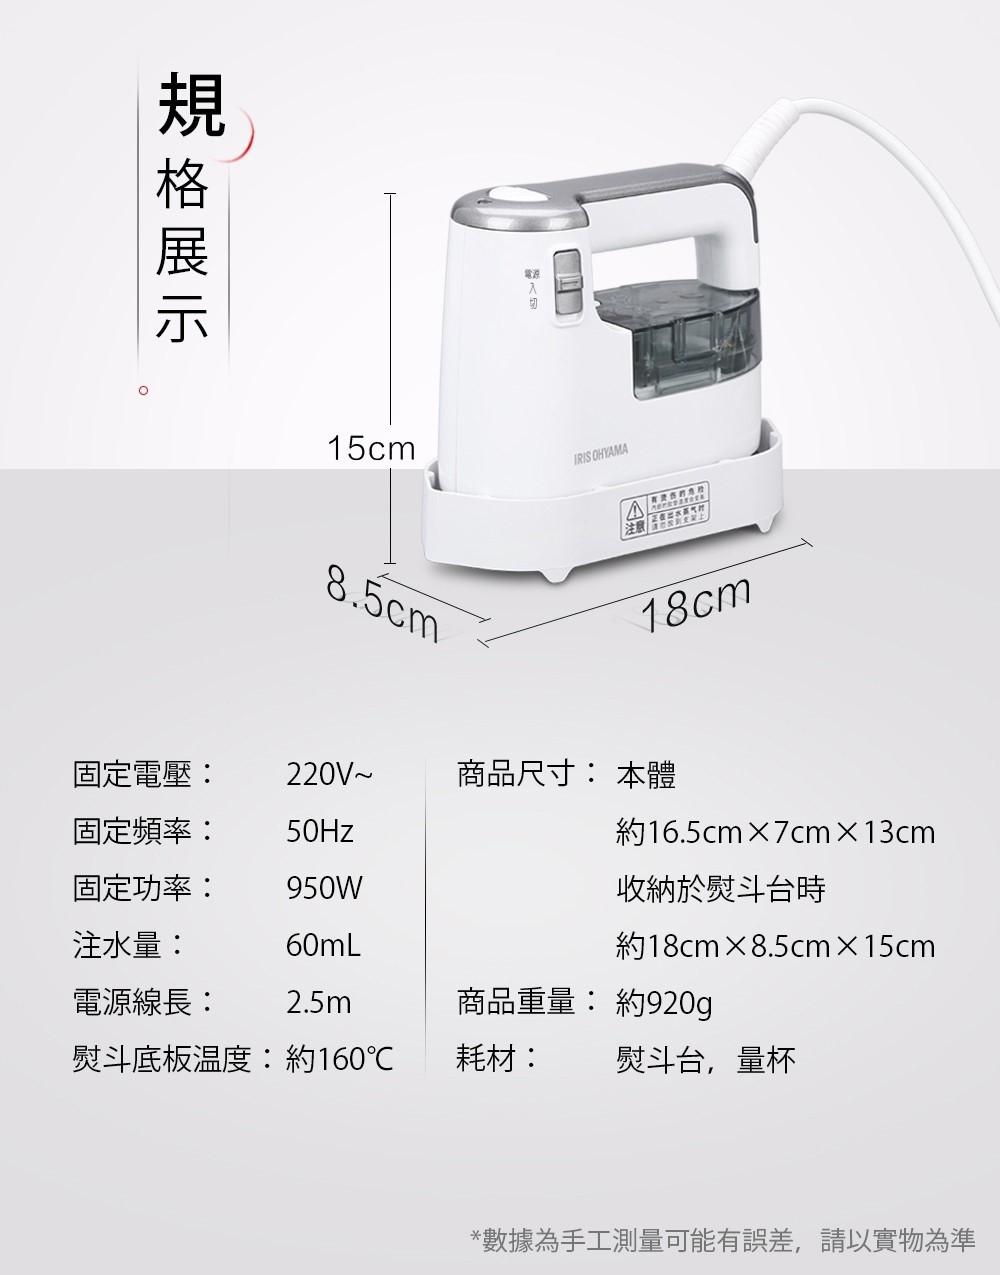 日本IRIS大蒸氣輕巧可掛燙小熨斗IRIS-01C 8